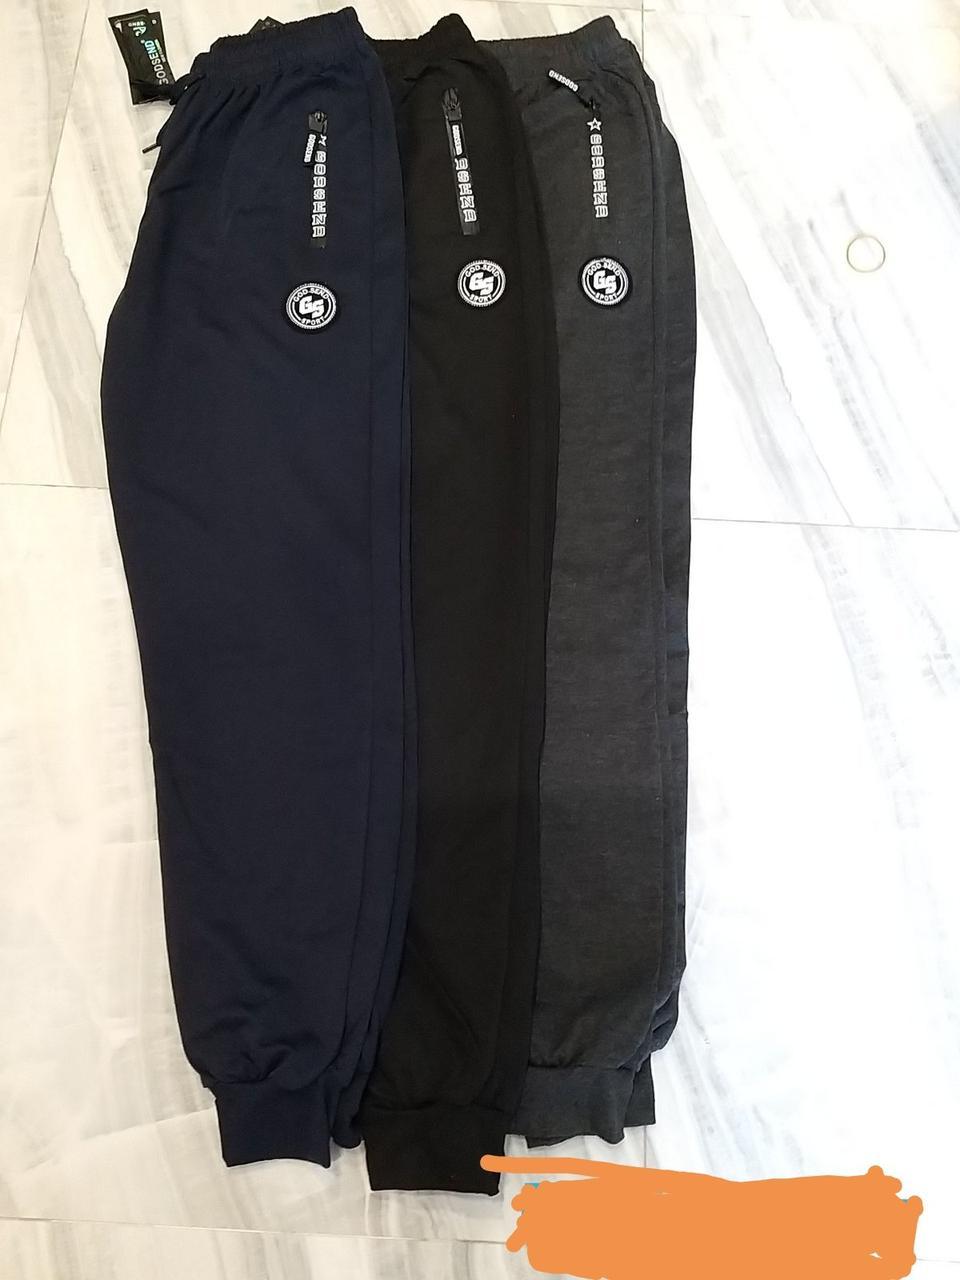 Штаны мужские спортивные размер норма M-3XL с манжетой (от 5 шт)